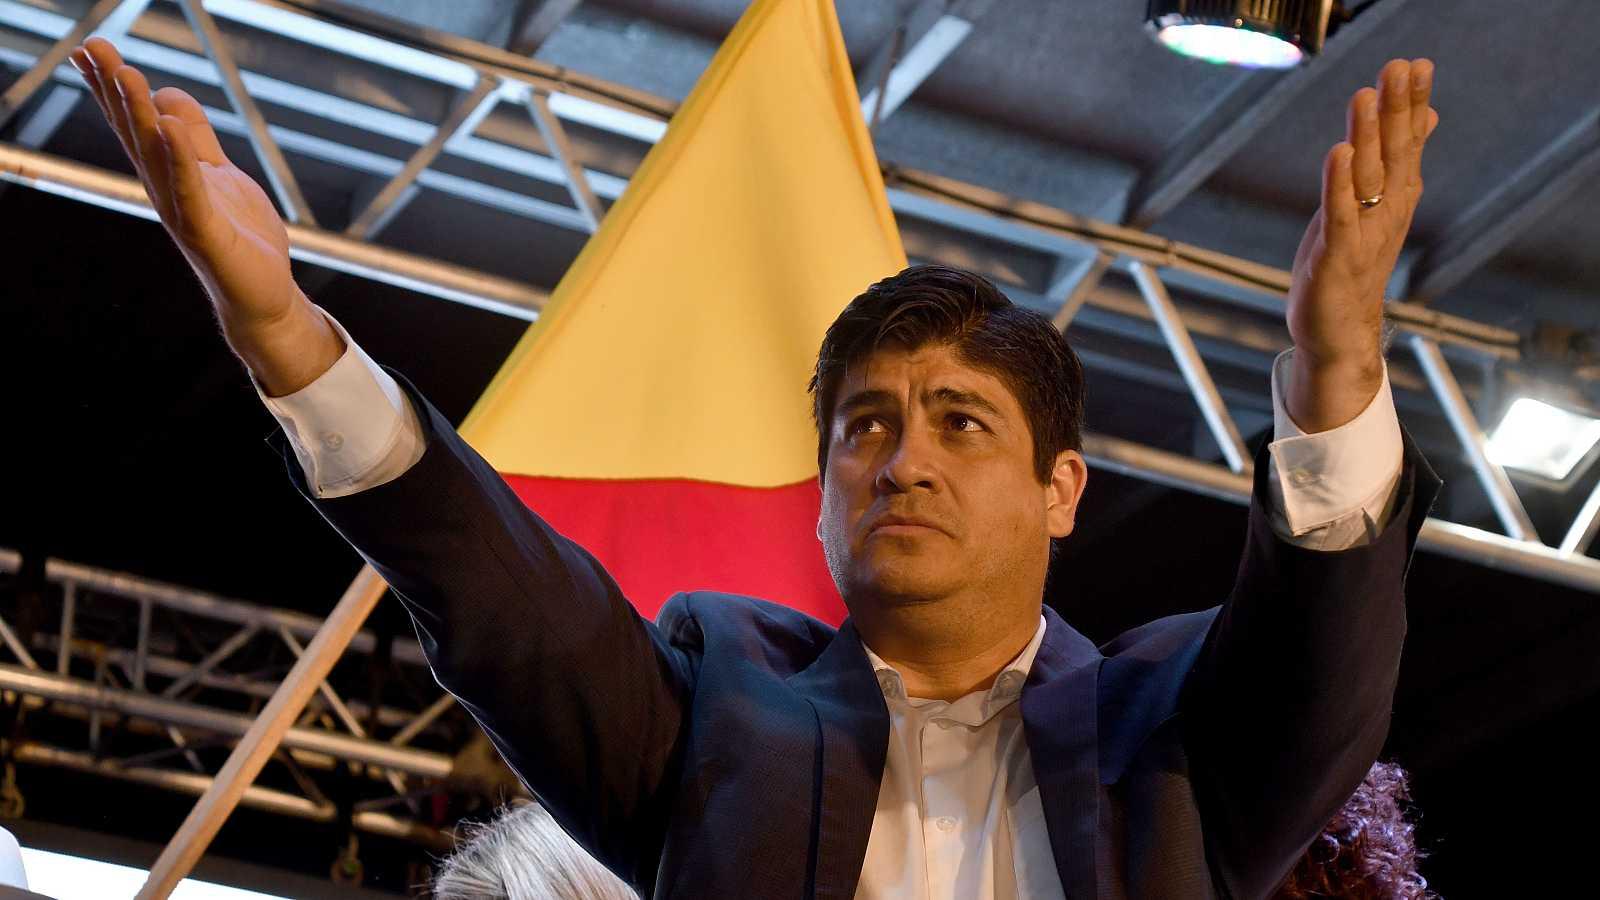 América hoy - Carlos Alvarado, próximo presidente de Costa Rica - 03/04/18 - escuchar ahora